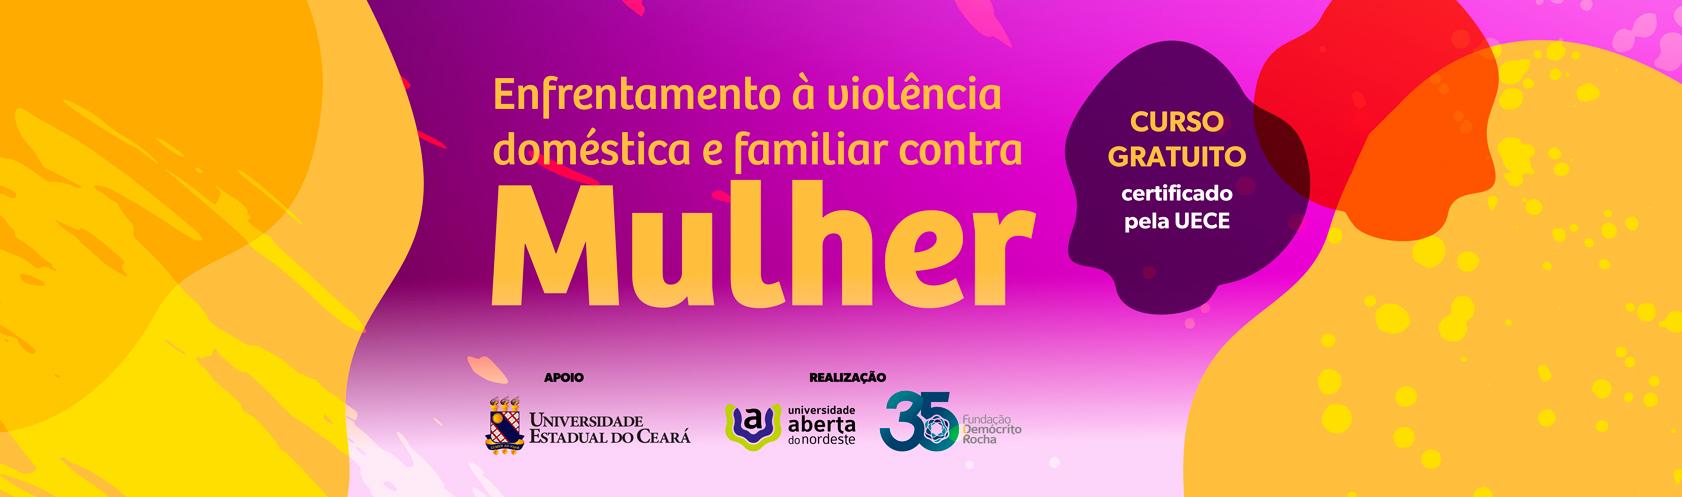 Course Image Enfrentamento à violência doméstica e familiar contra mulher - 2020.2